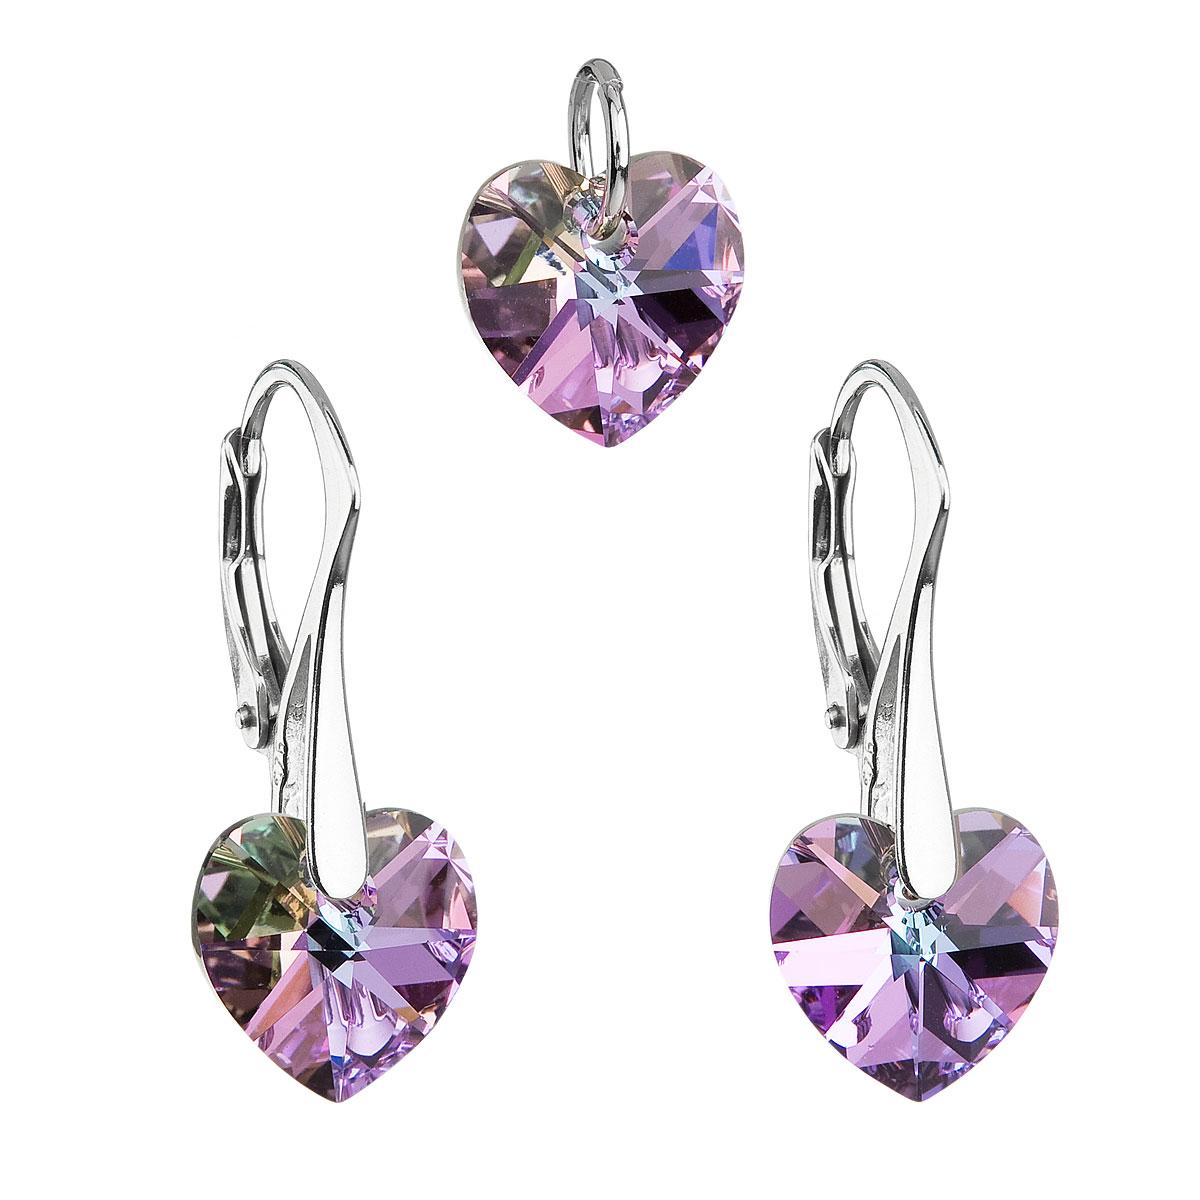 Sada šperků s krystaly Swarovski náušnice a přívěsek fialová srdce 39003.5